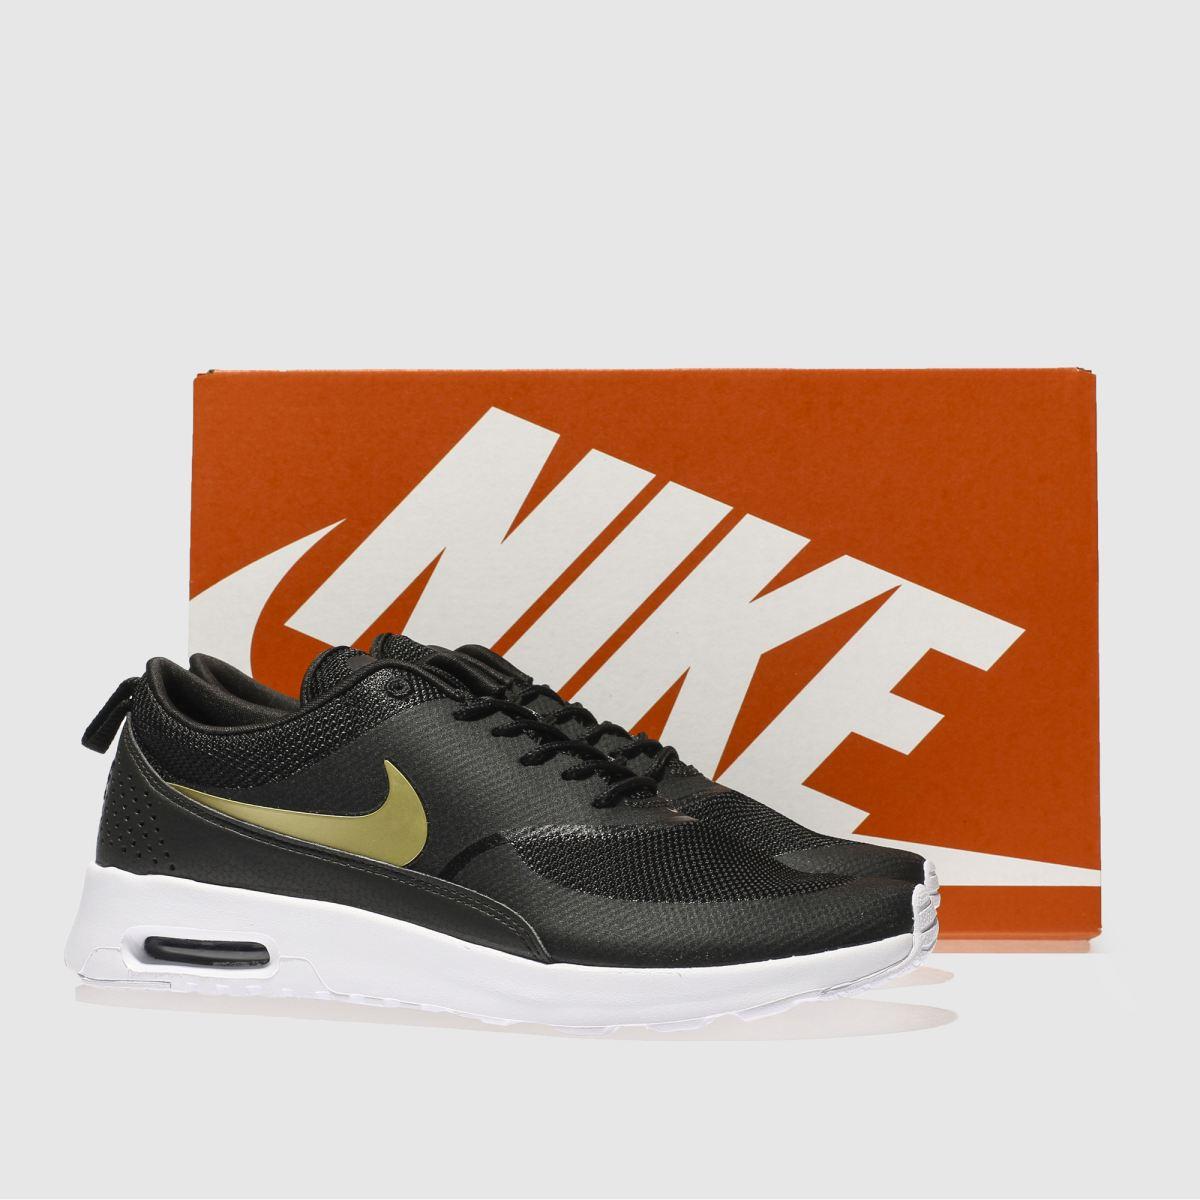 Damen Thea Schwarz-gold nike Air Max Thea Damen Sneaker | schuh Gute Qualität beliebte Schuhe 2795ed